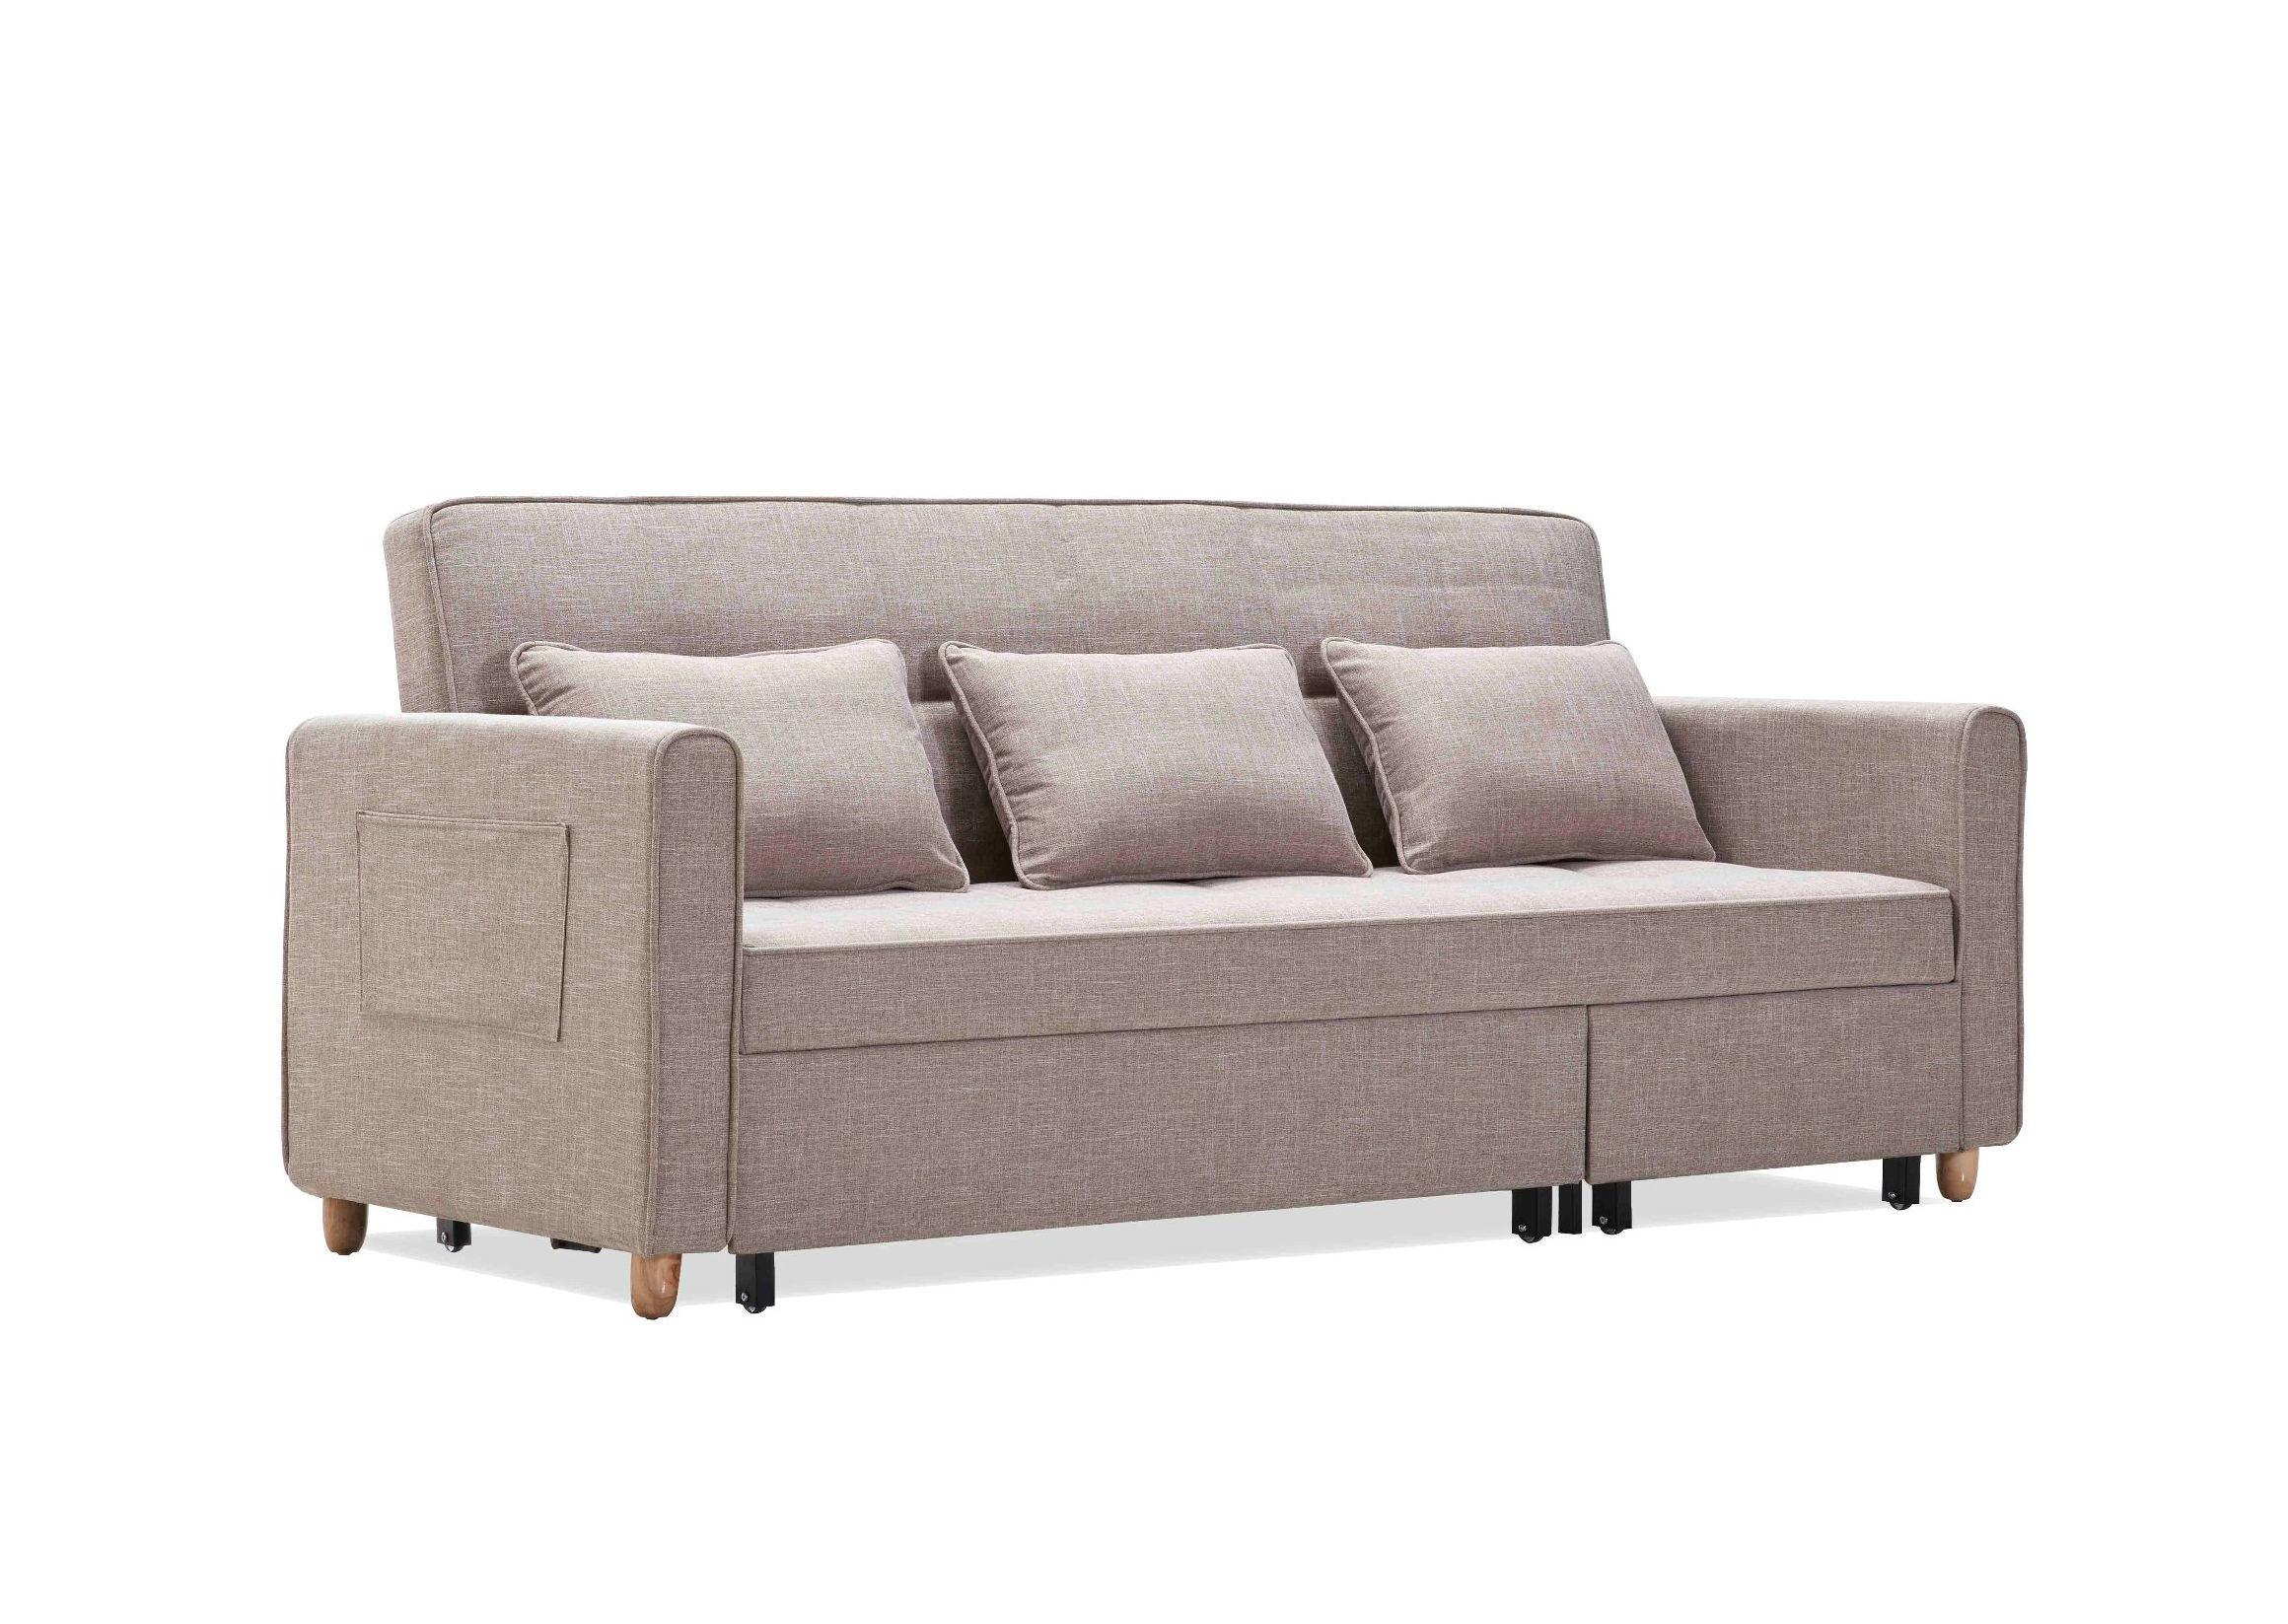 Hoek Lounge Slaapbank.Het Moderne Bed Van De Bank Van De Hoek Van Het Meubilair Van De